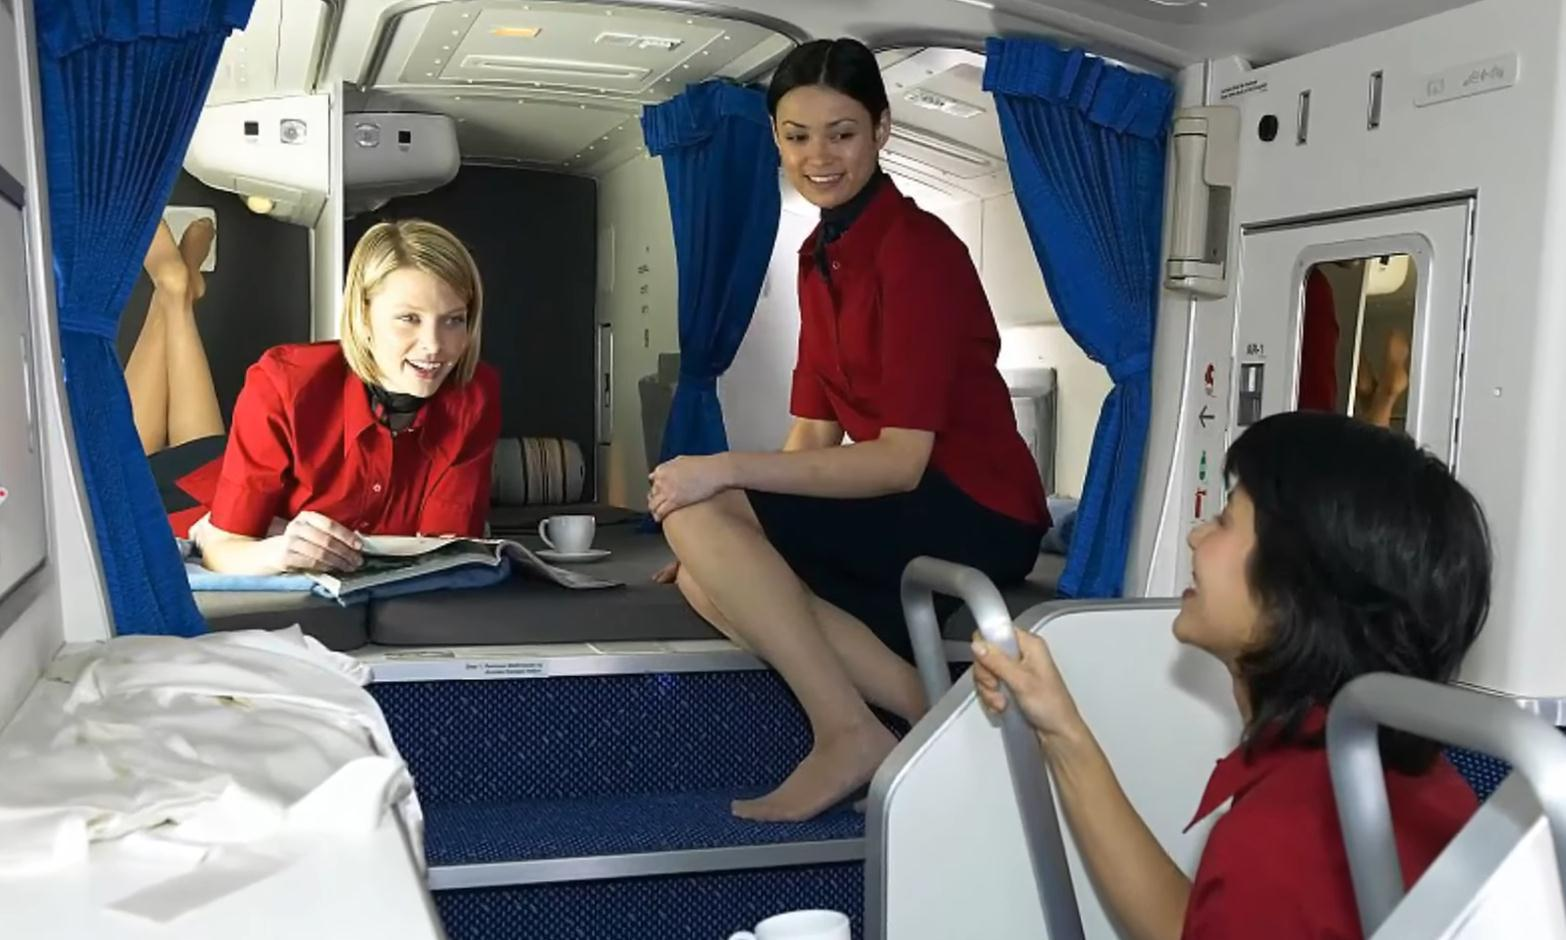 空姐在飞机上是如何休息的?没想到还有隐秘房间,看完涨见识了